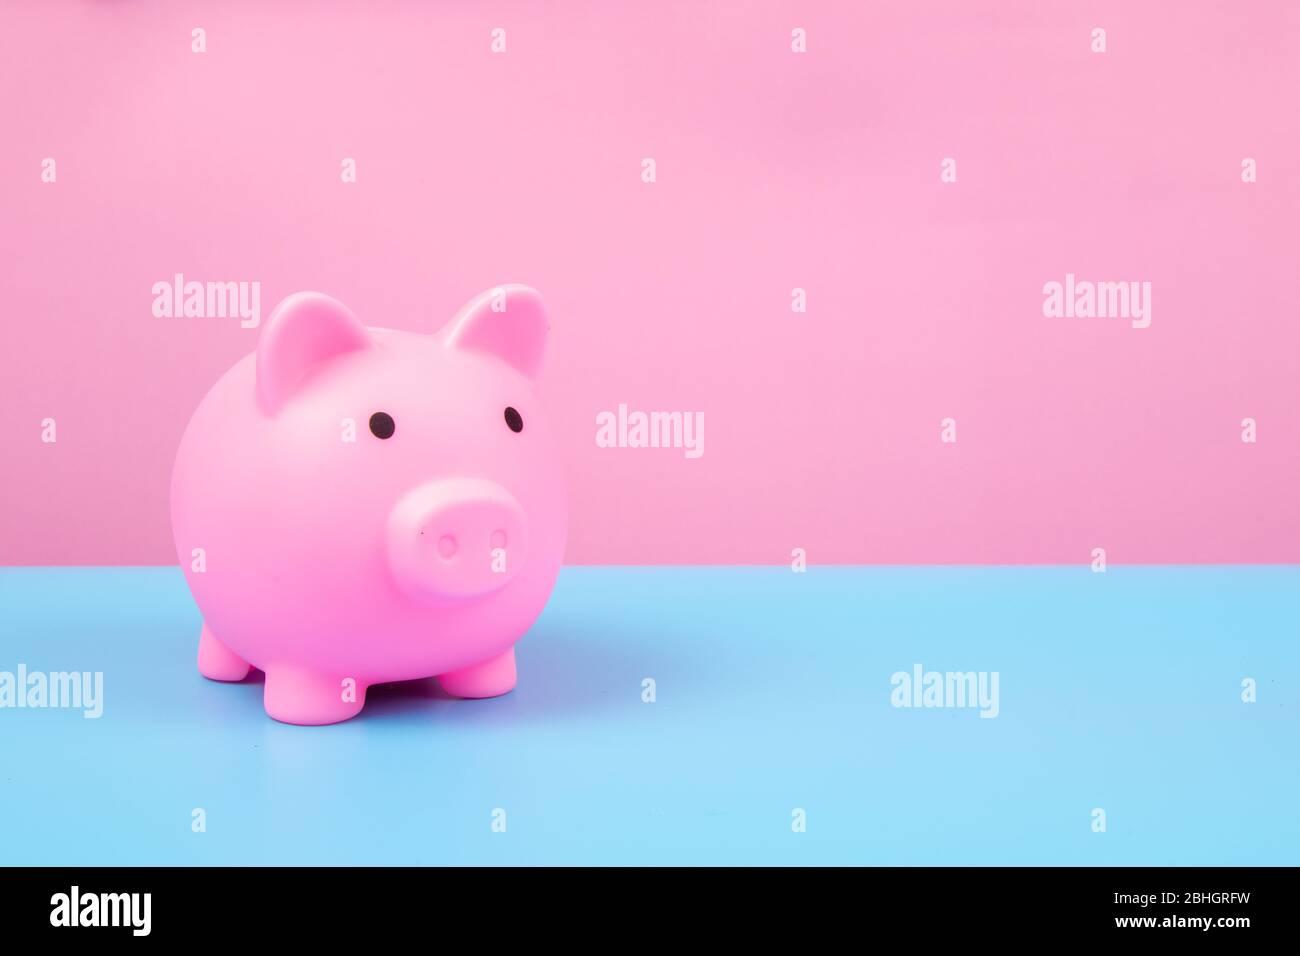 Rosa Piggy Bank auf Harmonie Hintergrund. Stockfoto